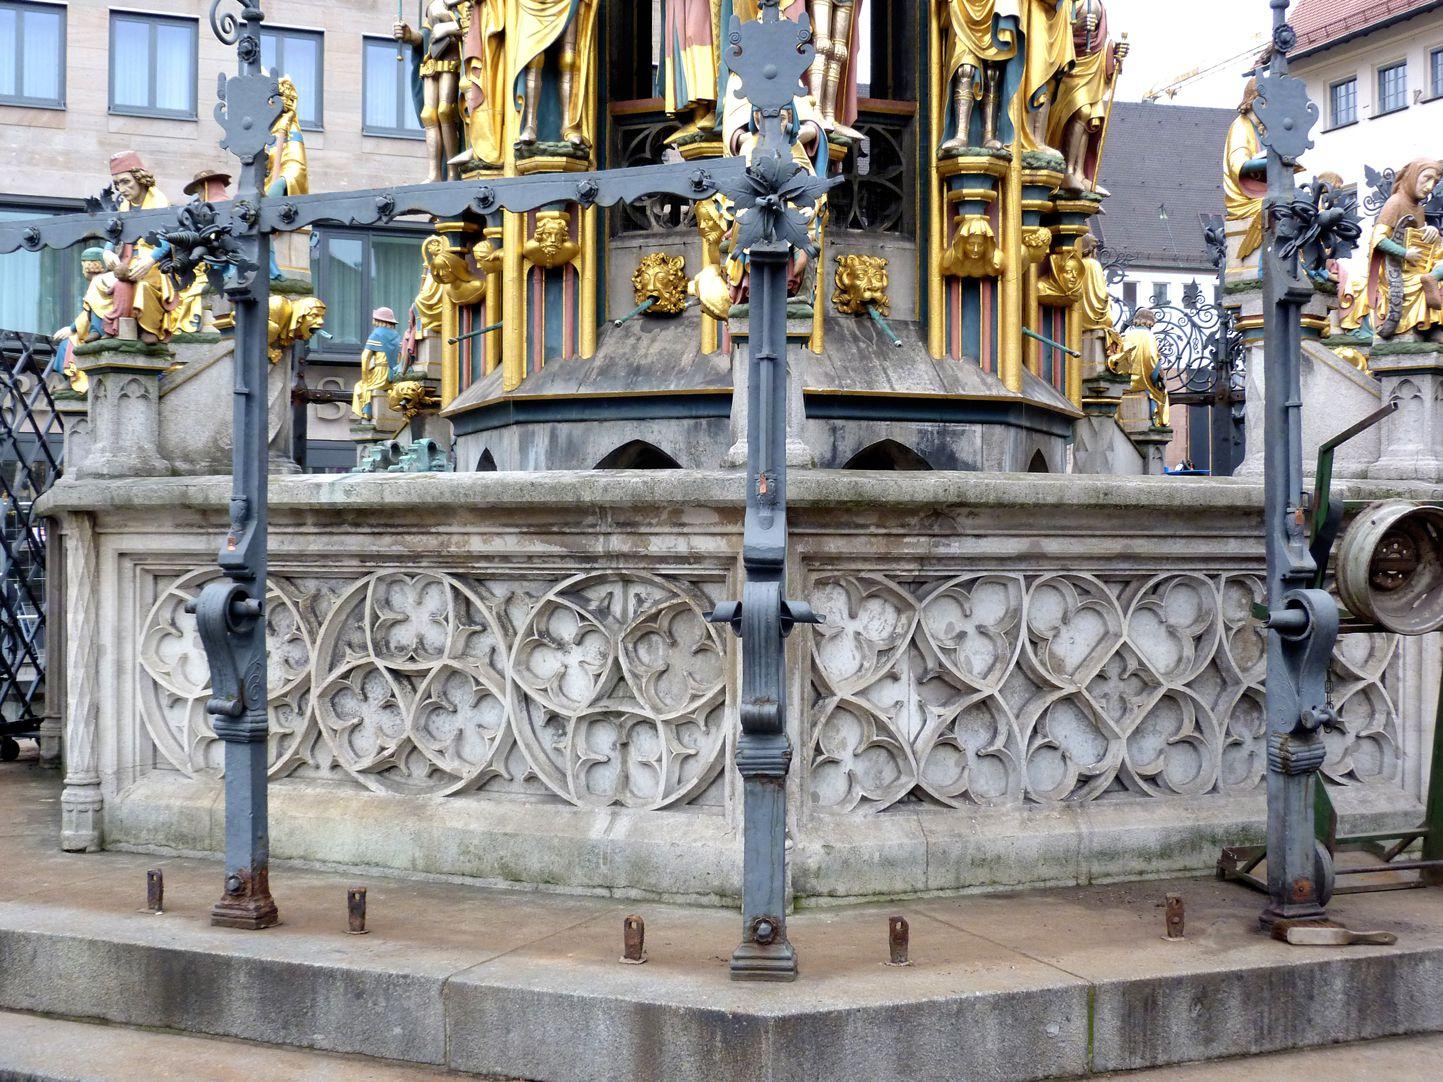 Schöner Brunnen Brunnenbecken mit Blendmaßwerk